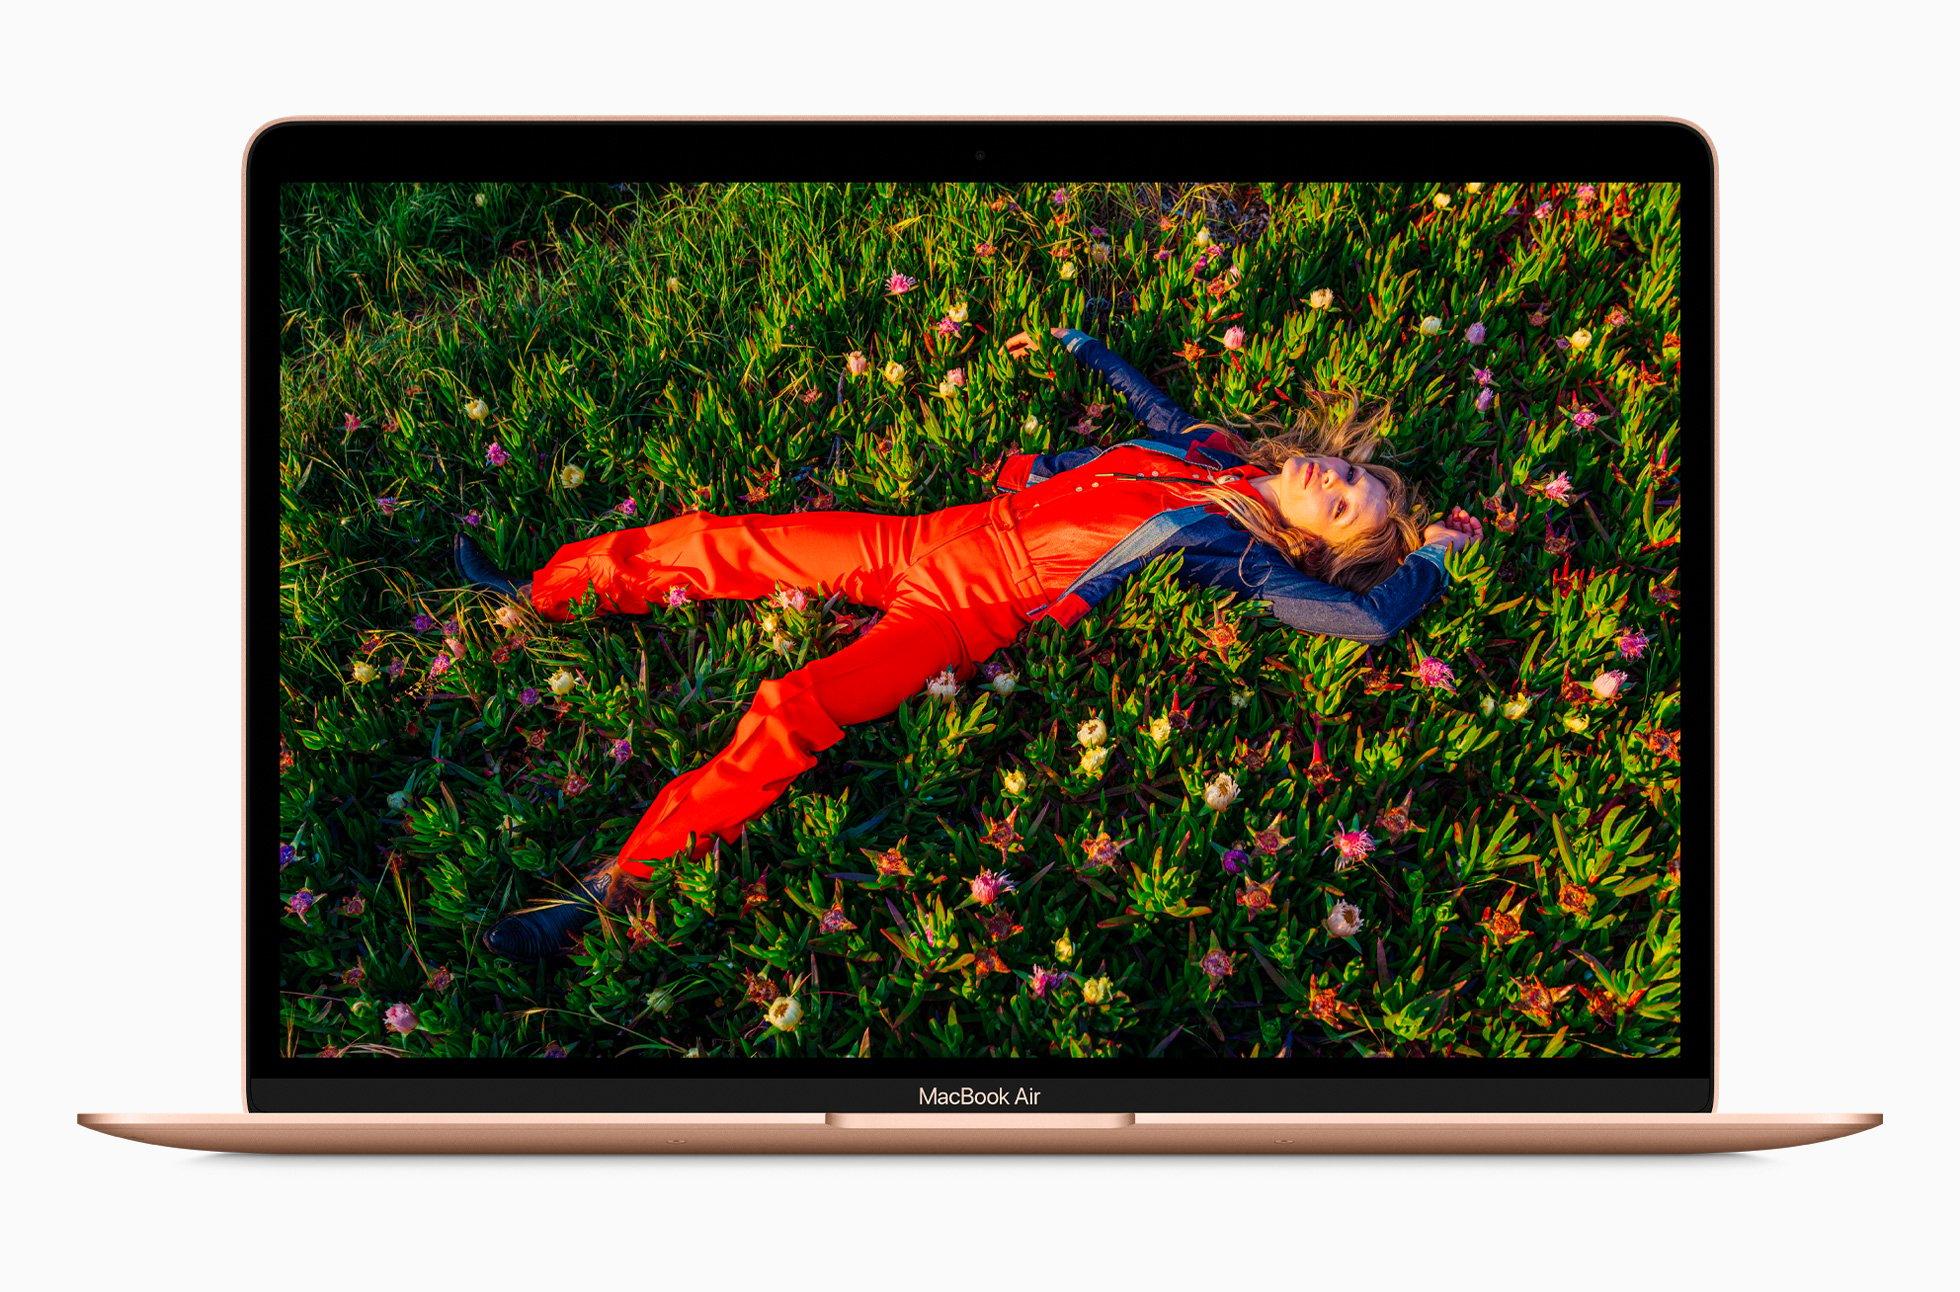 MacBook Air - Credit Apple